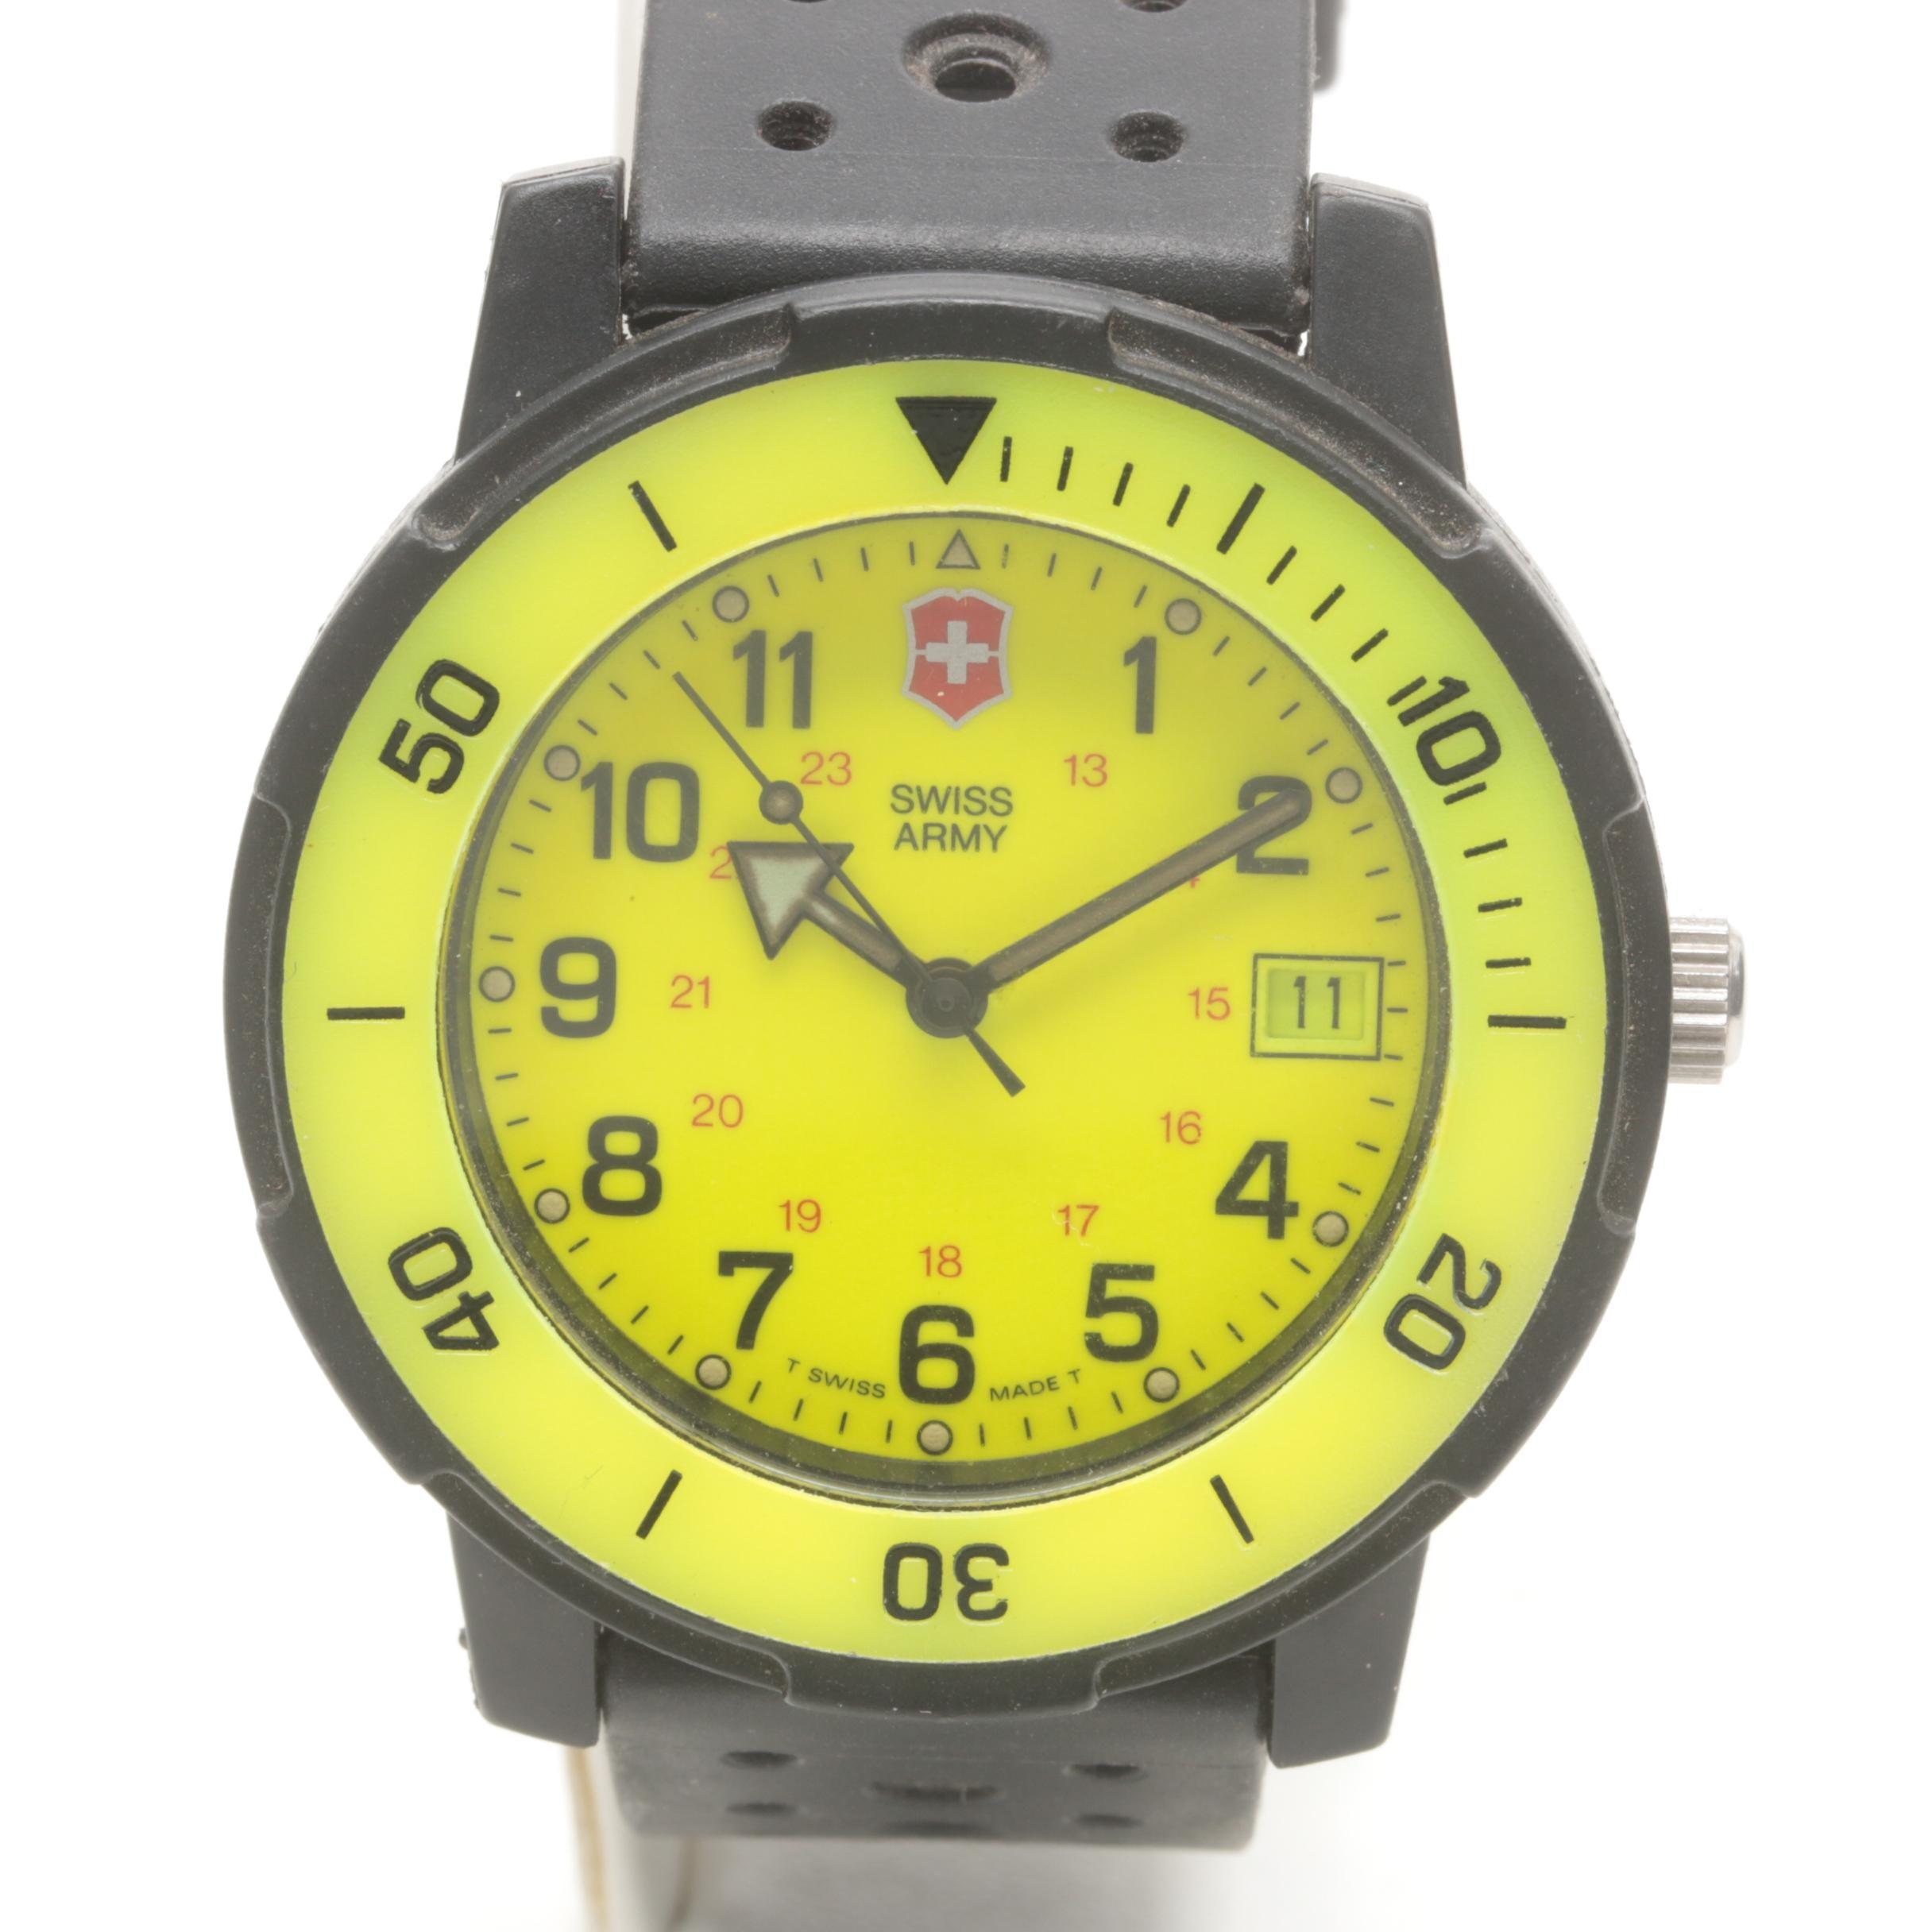 Swiss Army Wristwatch With Date Window